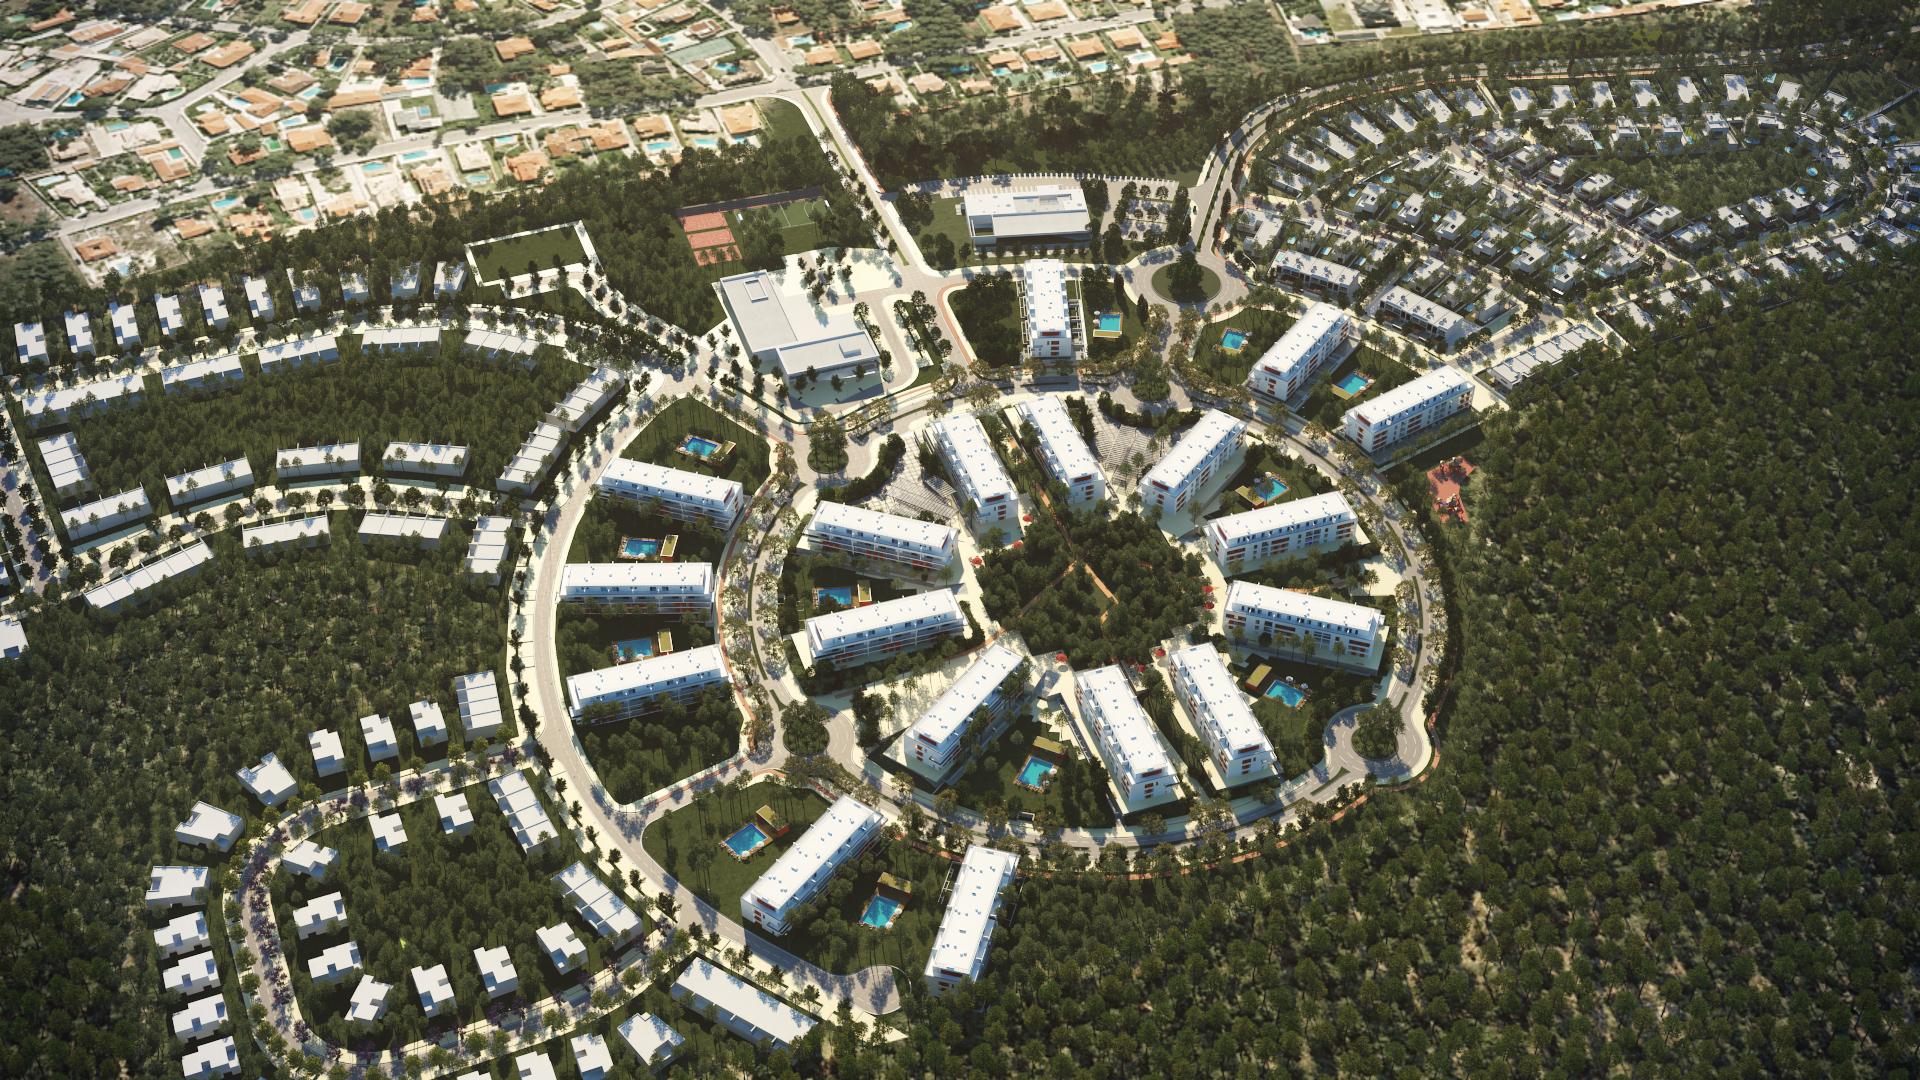 Imagem do futuro complexo / https://www.quintadopinhao.pt/